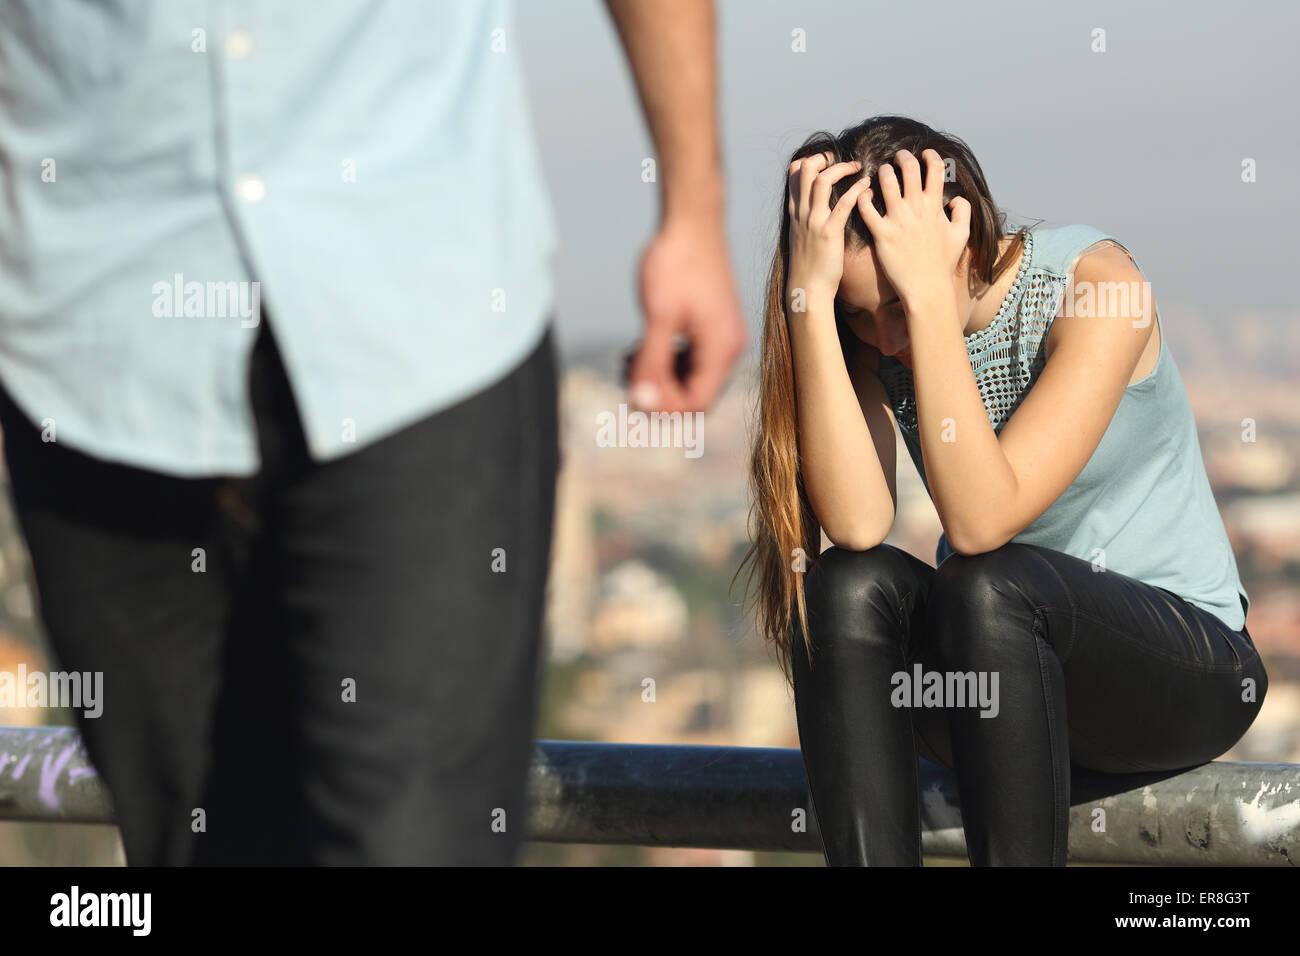 Rupture d'un couple avec bad guy et triste petite amie avec une ville de l'arrière-plan Photo Stock